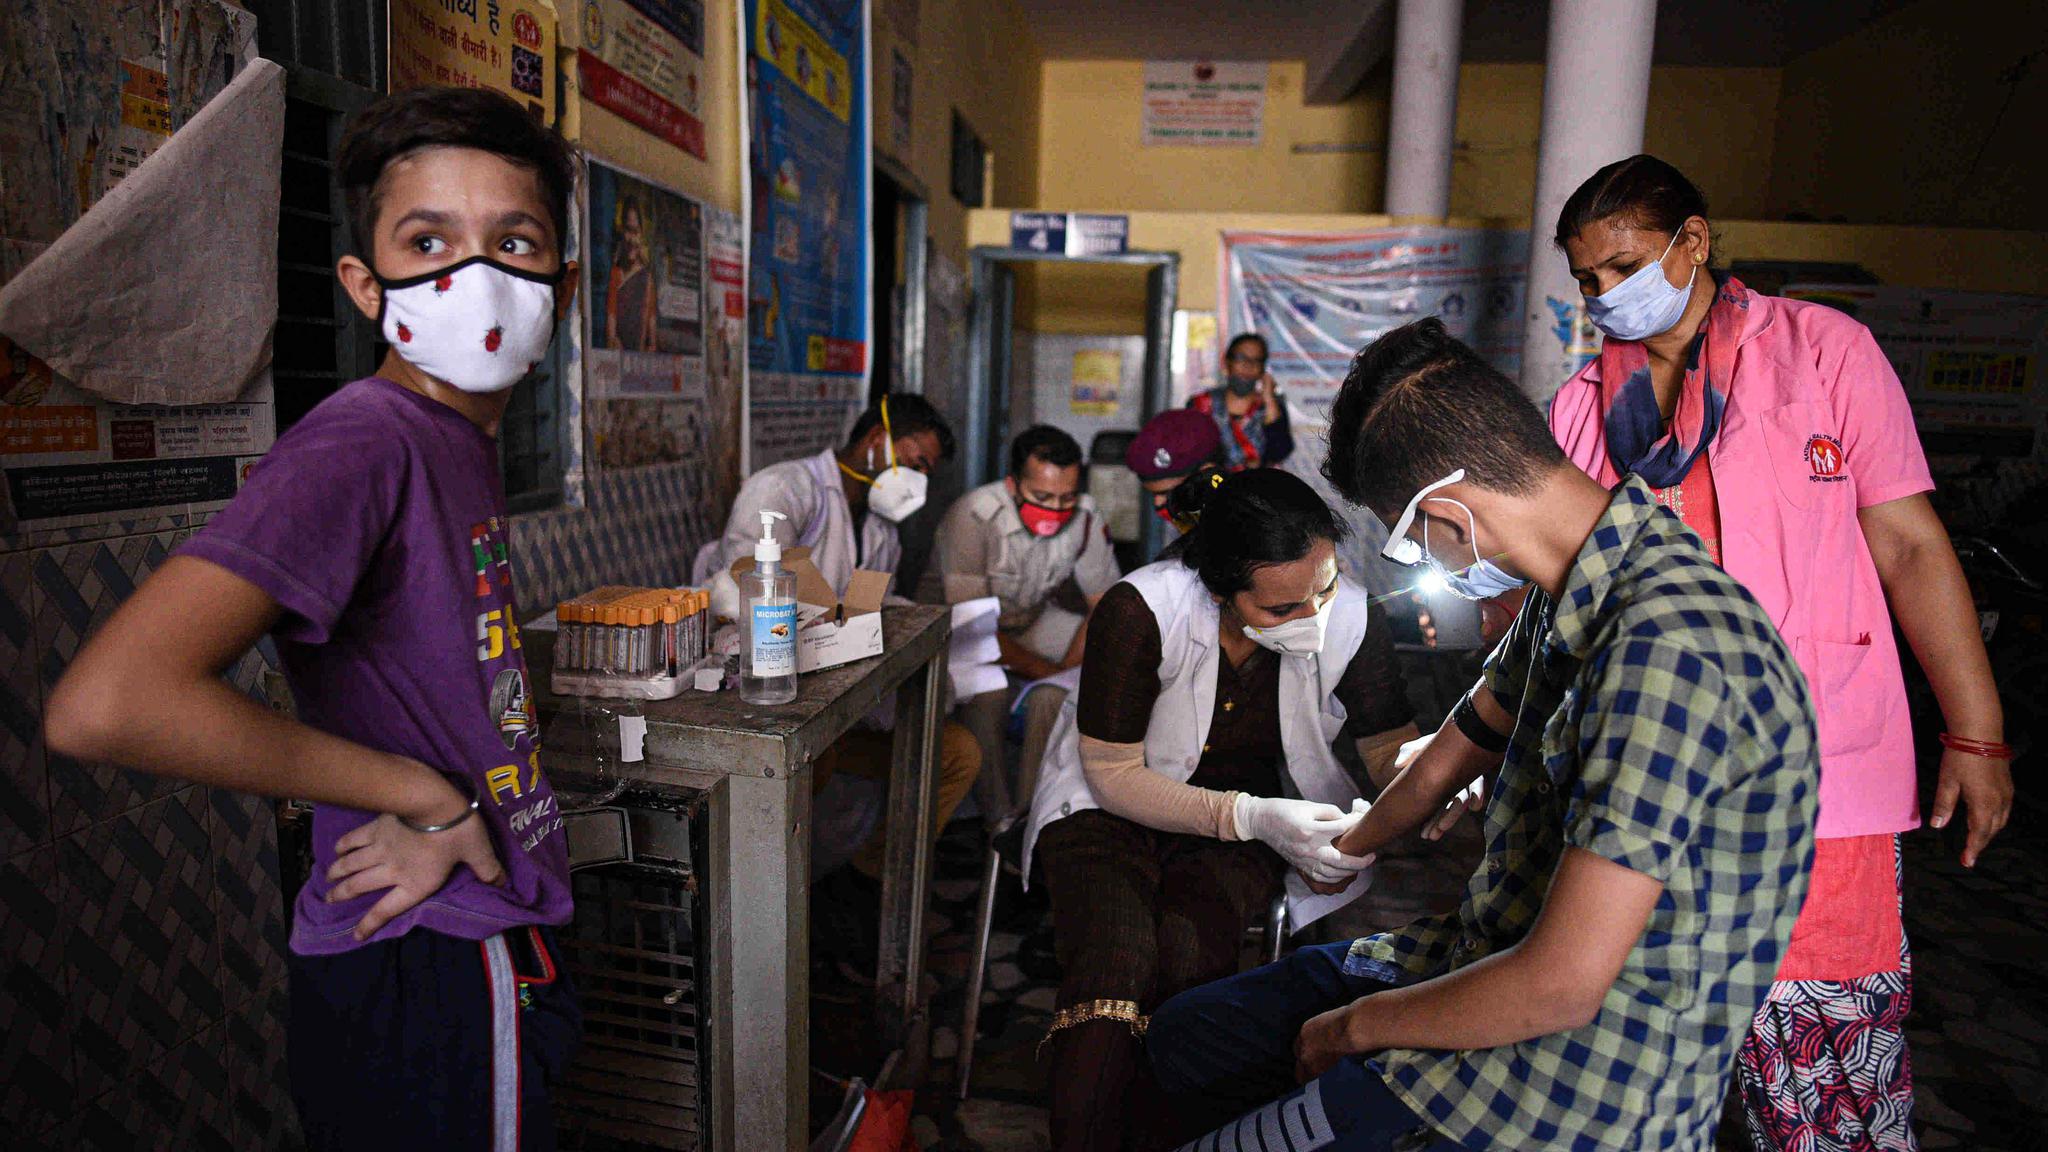 单日新增确诊病例近10万的印度 为何仍坚持重启经济